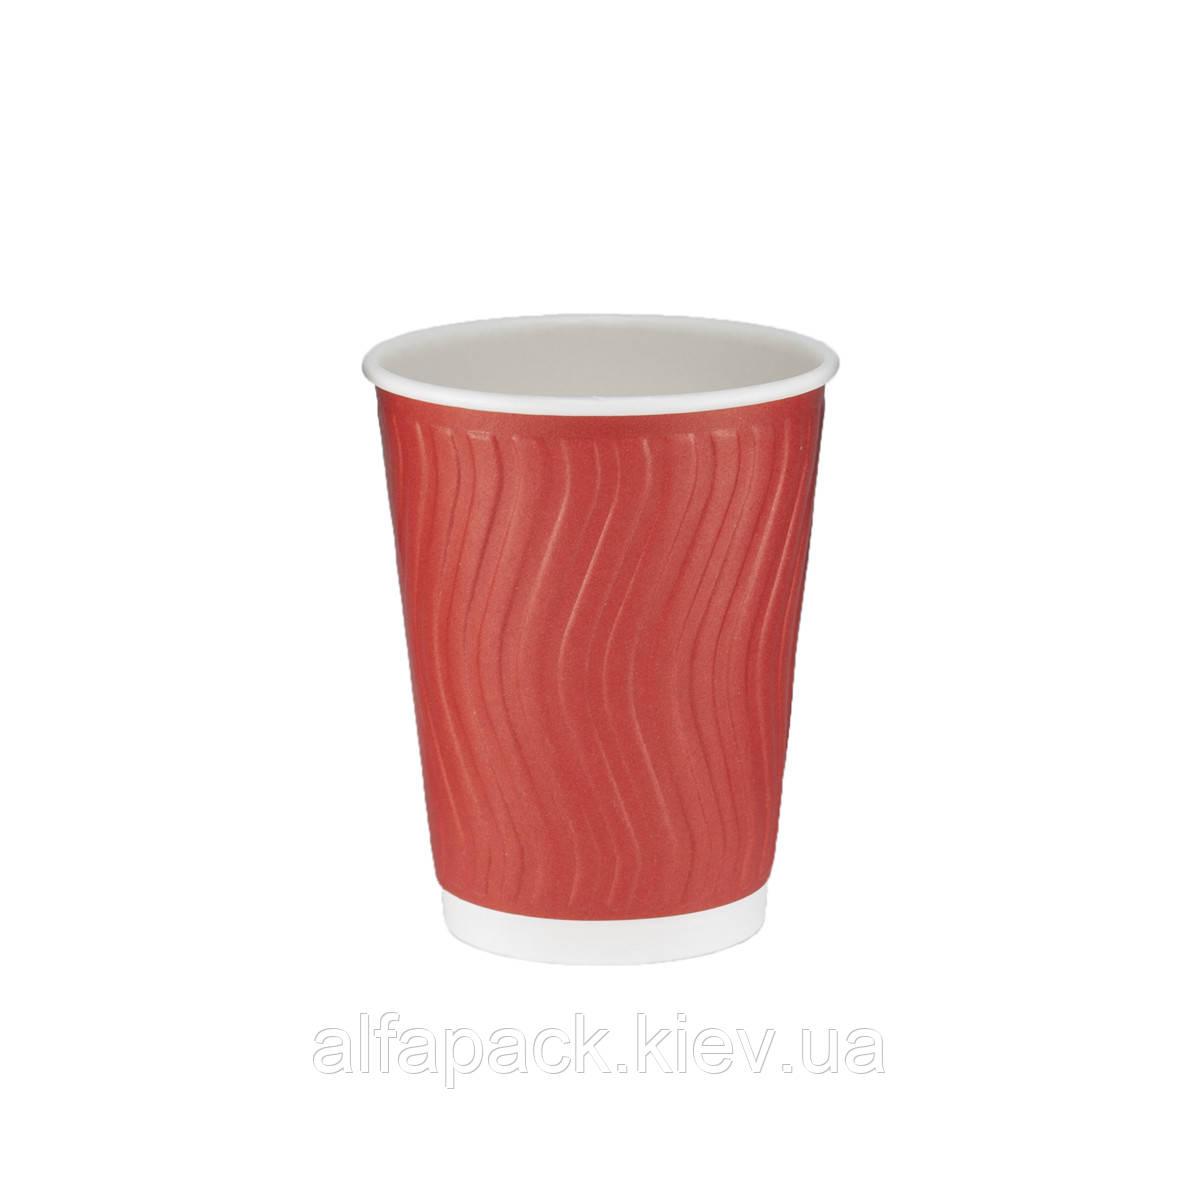 Гофрированный стакан волна красный 175 мл